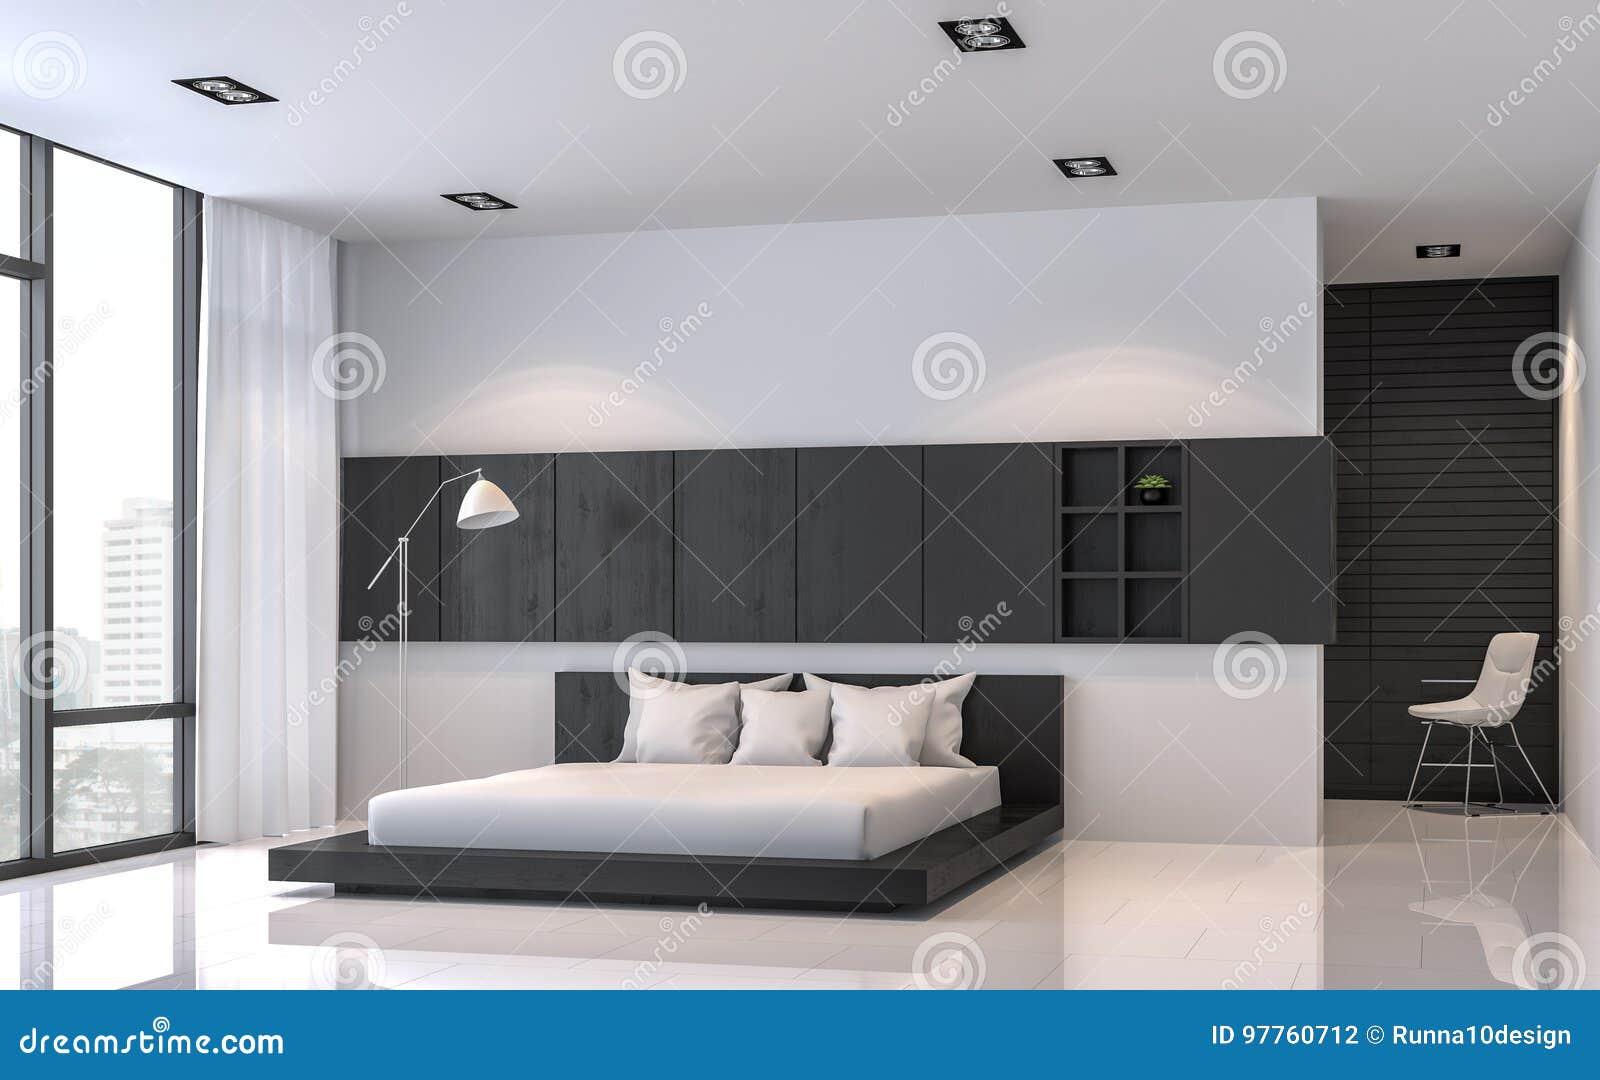 Moderne Witte Slaapkamer : Het moderne zwart witte d teruggevende beeld van de slaapkamer